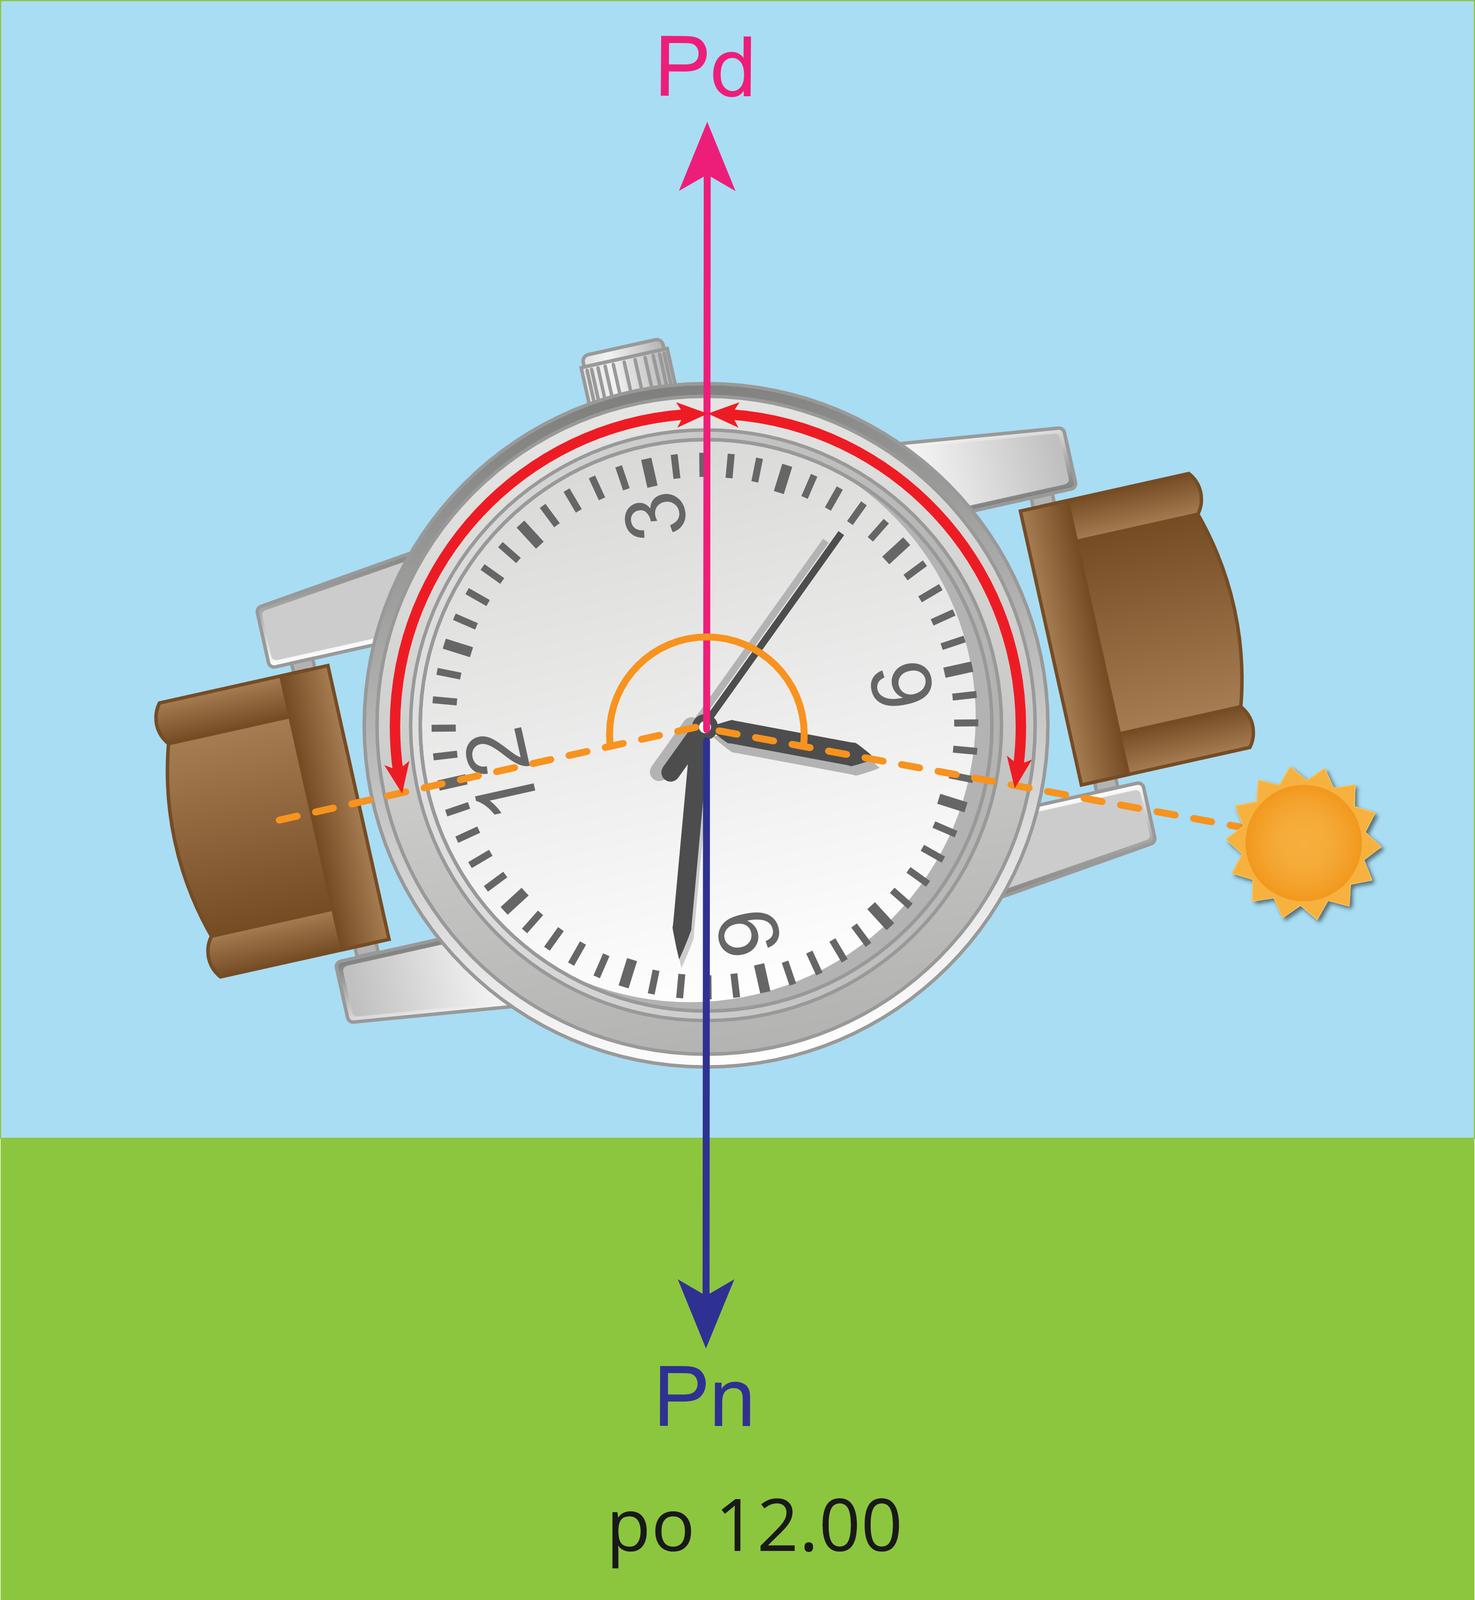 Na ilustracji zaprezentowano wyznaczanie kierunku południowego zużyciem zegarka wskazówkowego, wgodzinach przed 6.00 ipo 18.00.